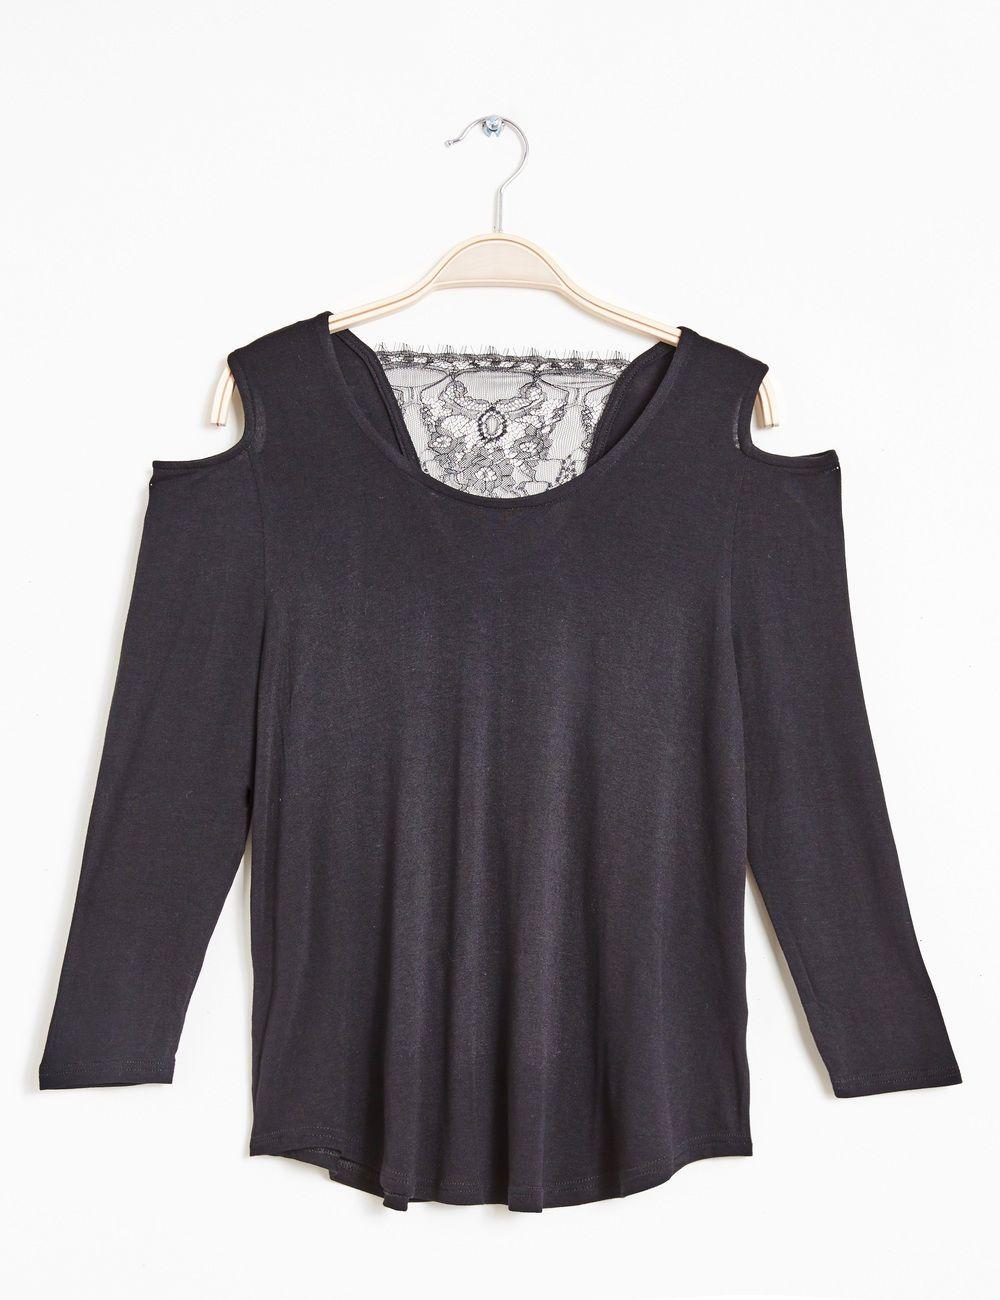 Tee-shirt détail dentelle noir - http   www.jennyfer.com fr-fr ... 251060d2d12